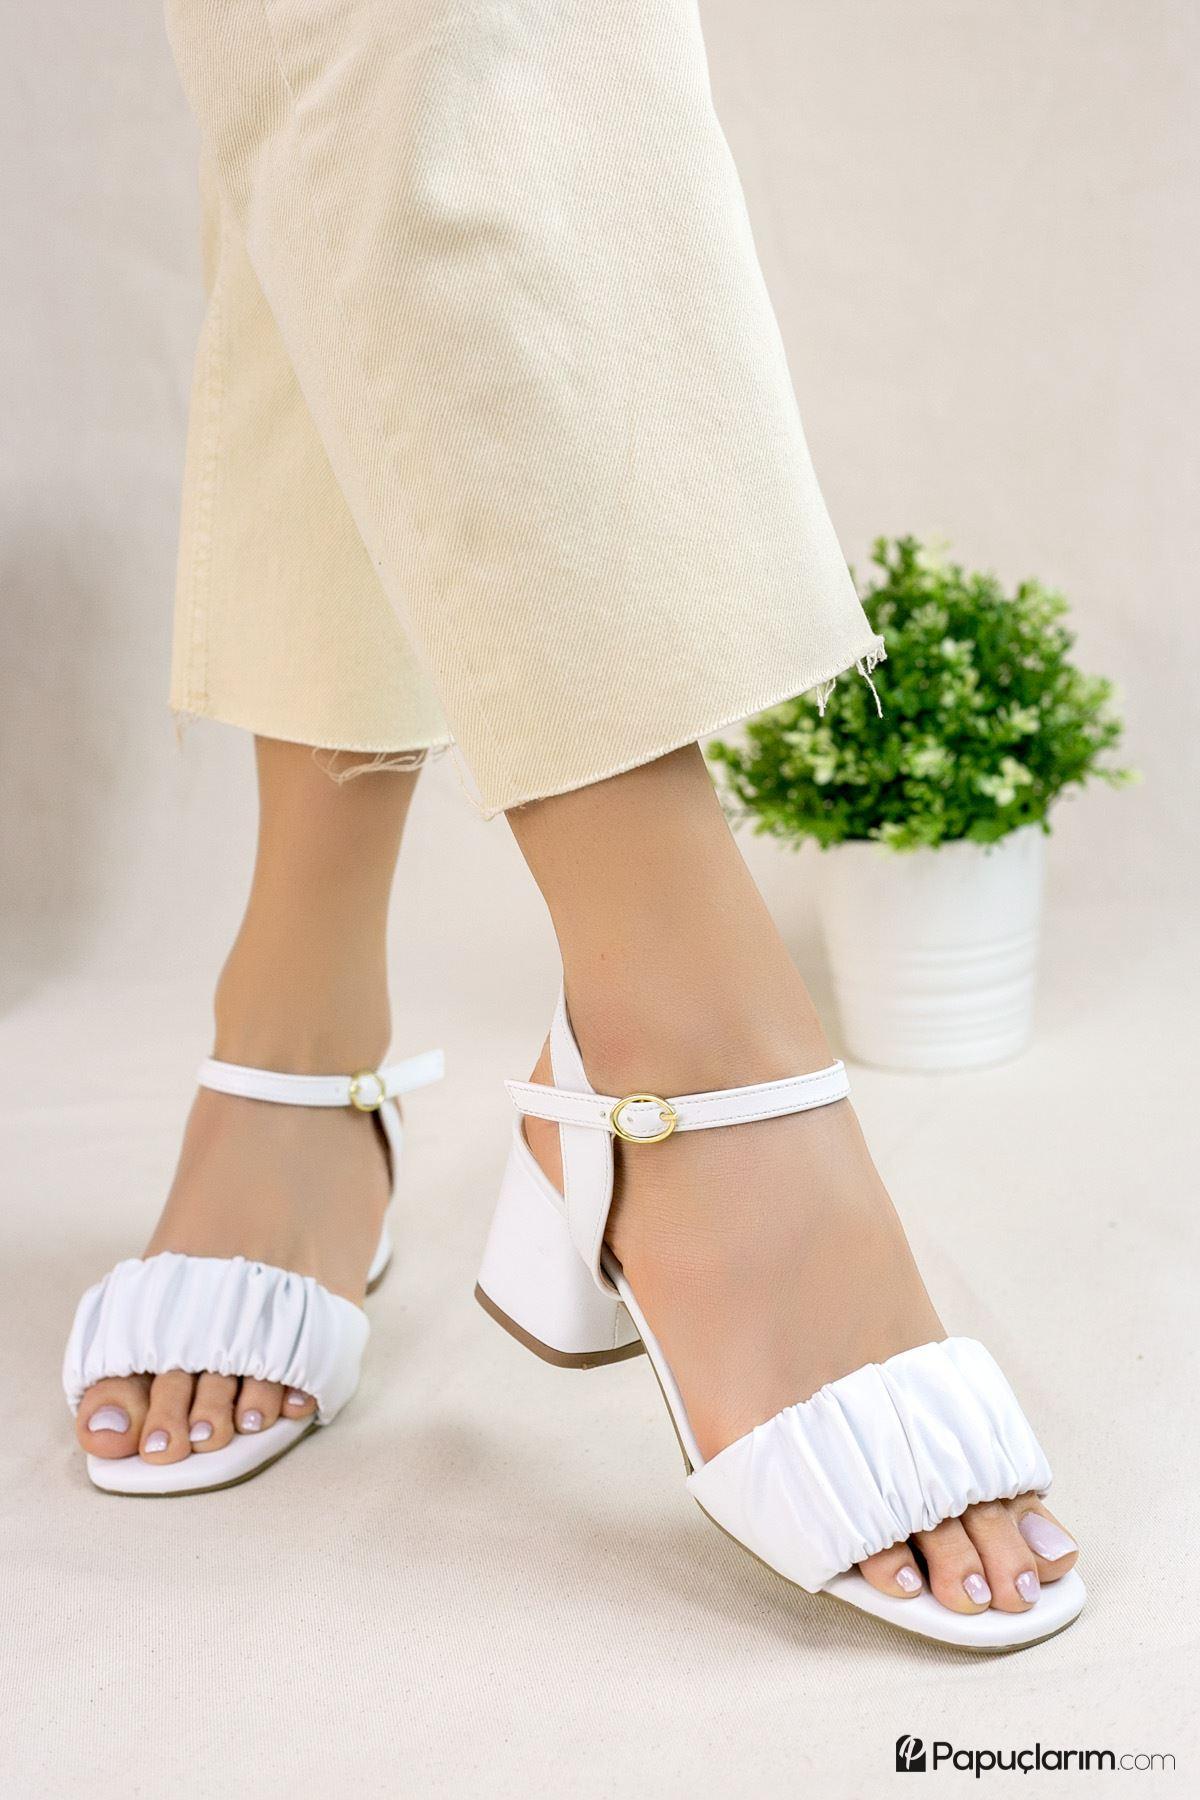 Calandra Beyaz Mat Deri Kadın Topuklu Ayakkabı